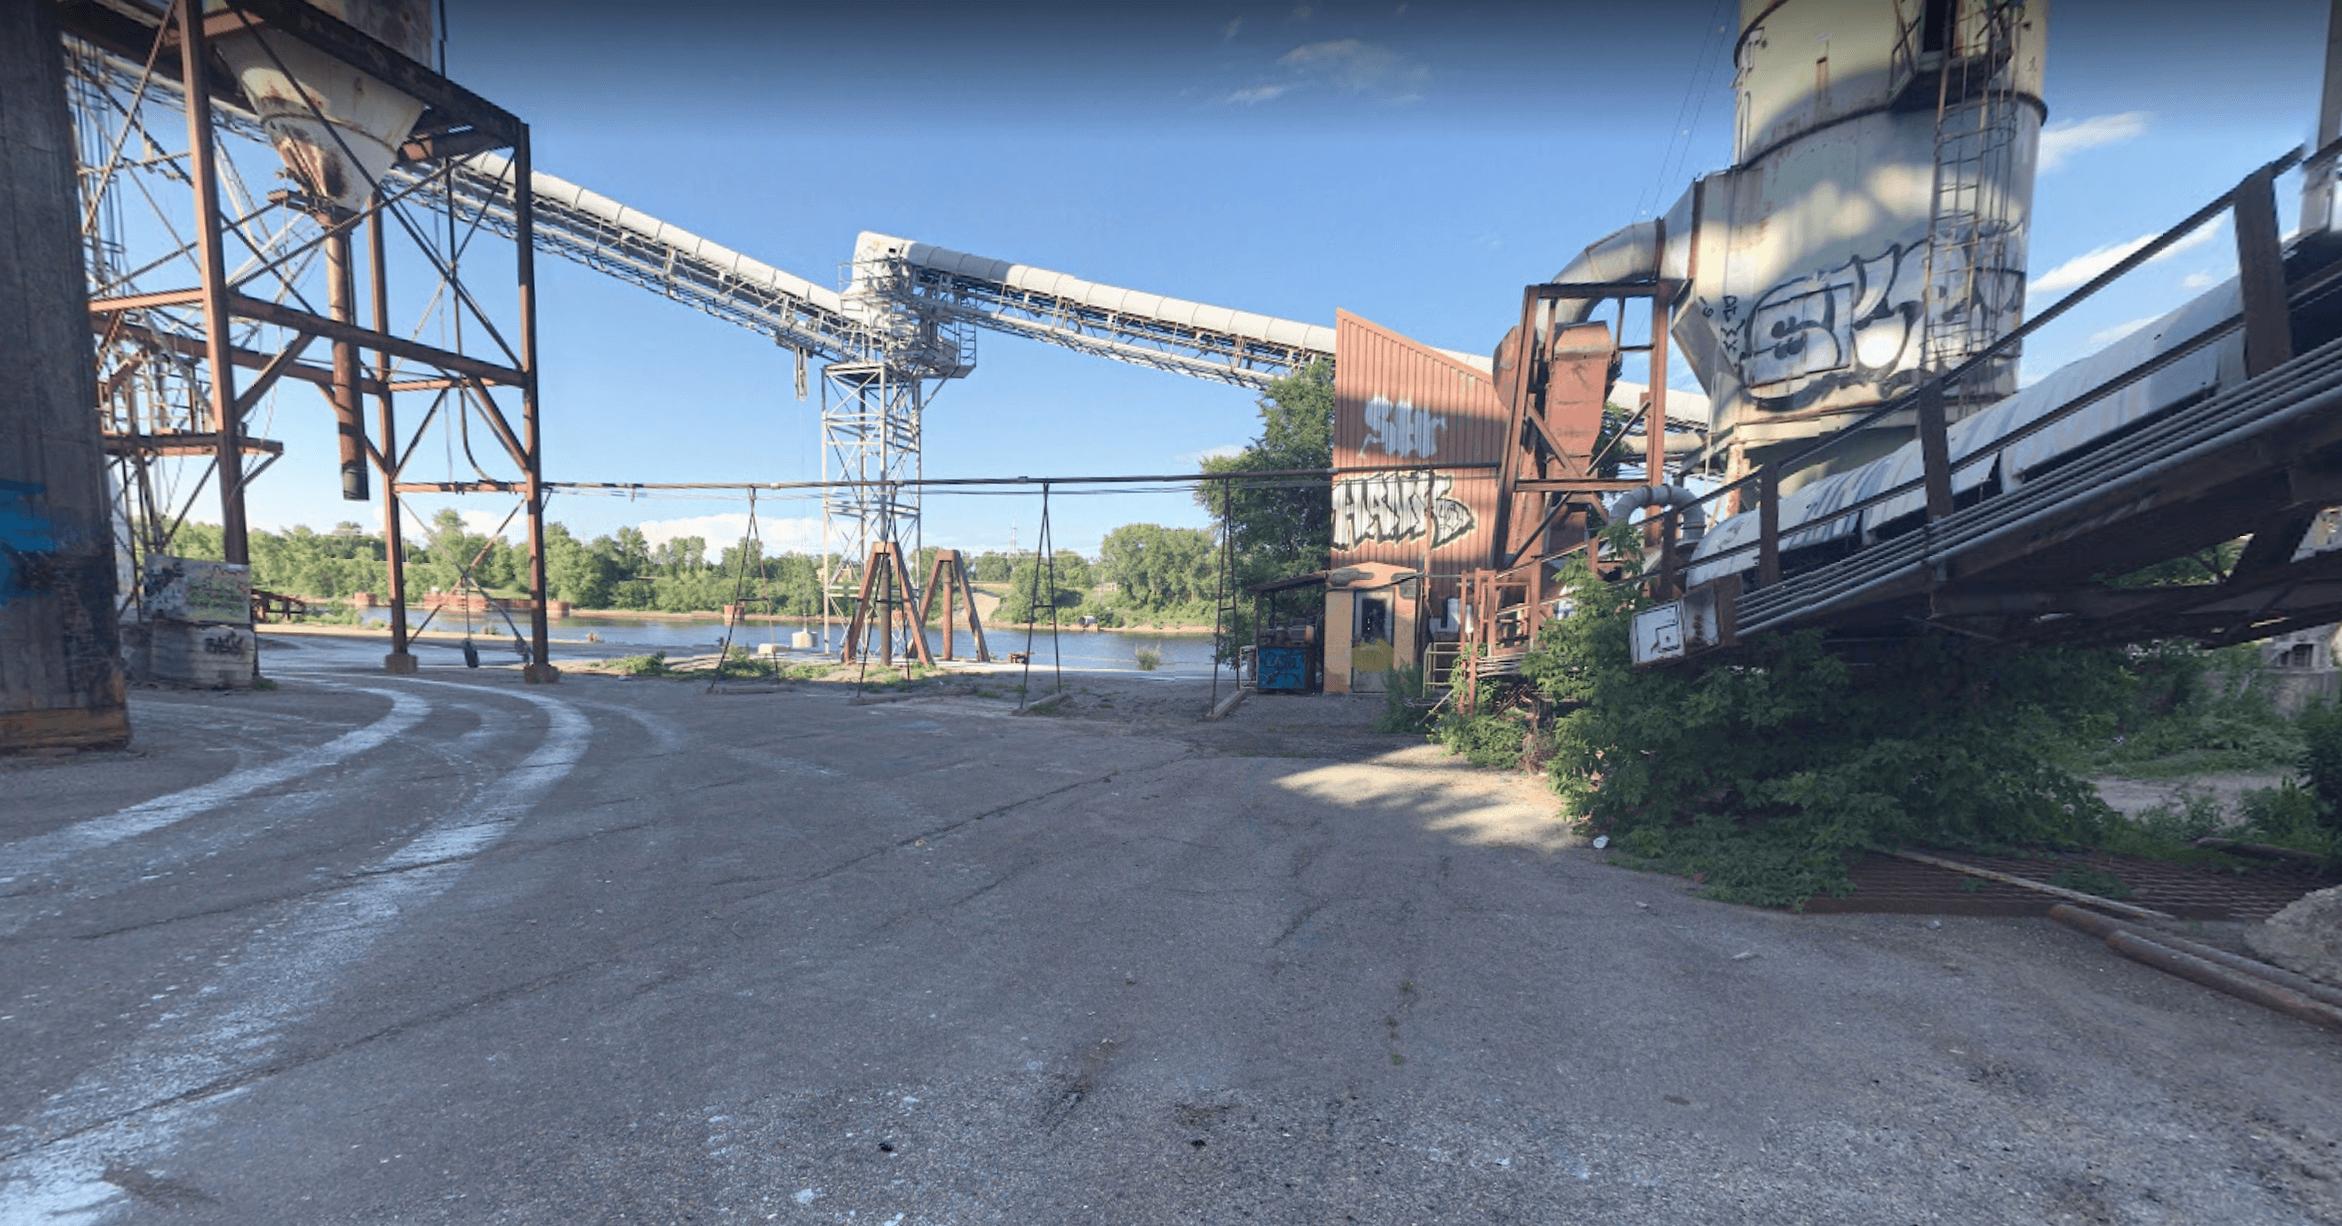 industrial-relics